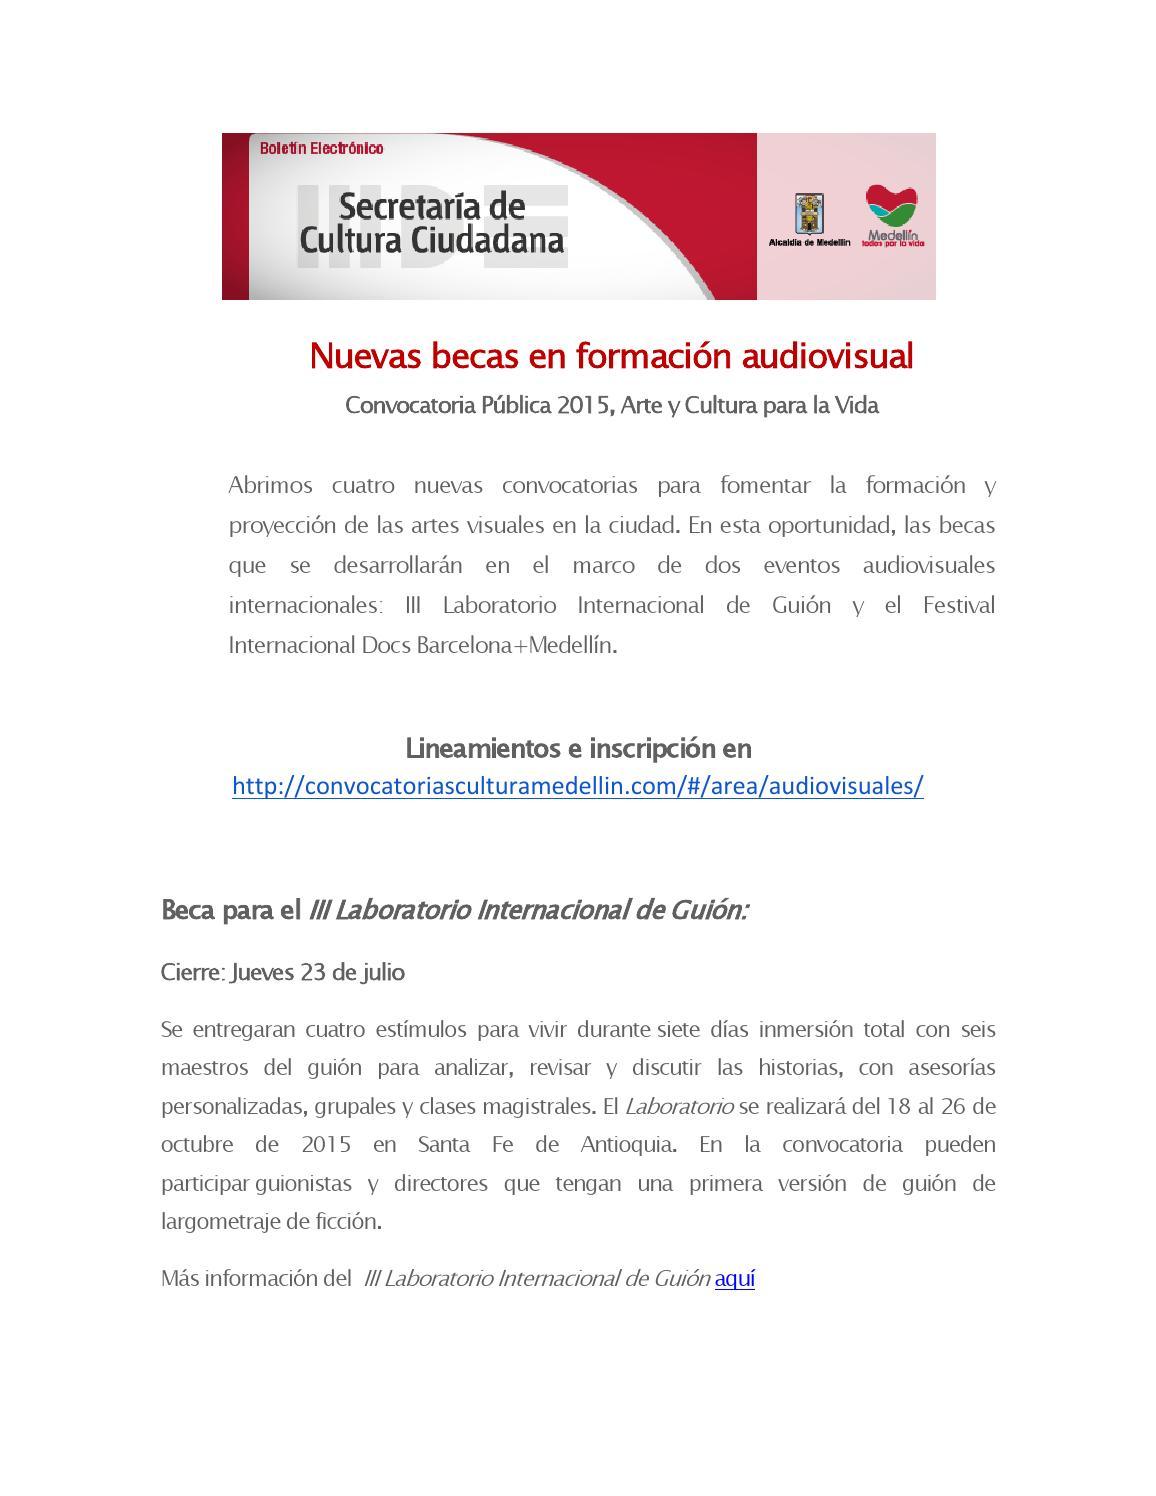 Convocatorias audiovisuales by culturamde issuu for Convocatoria de maestros